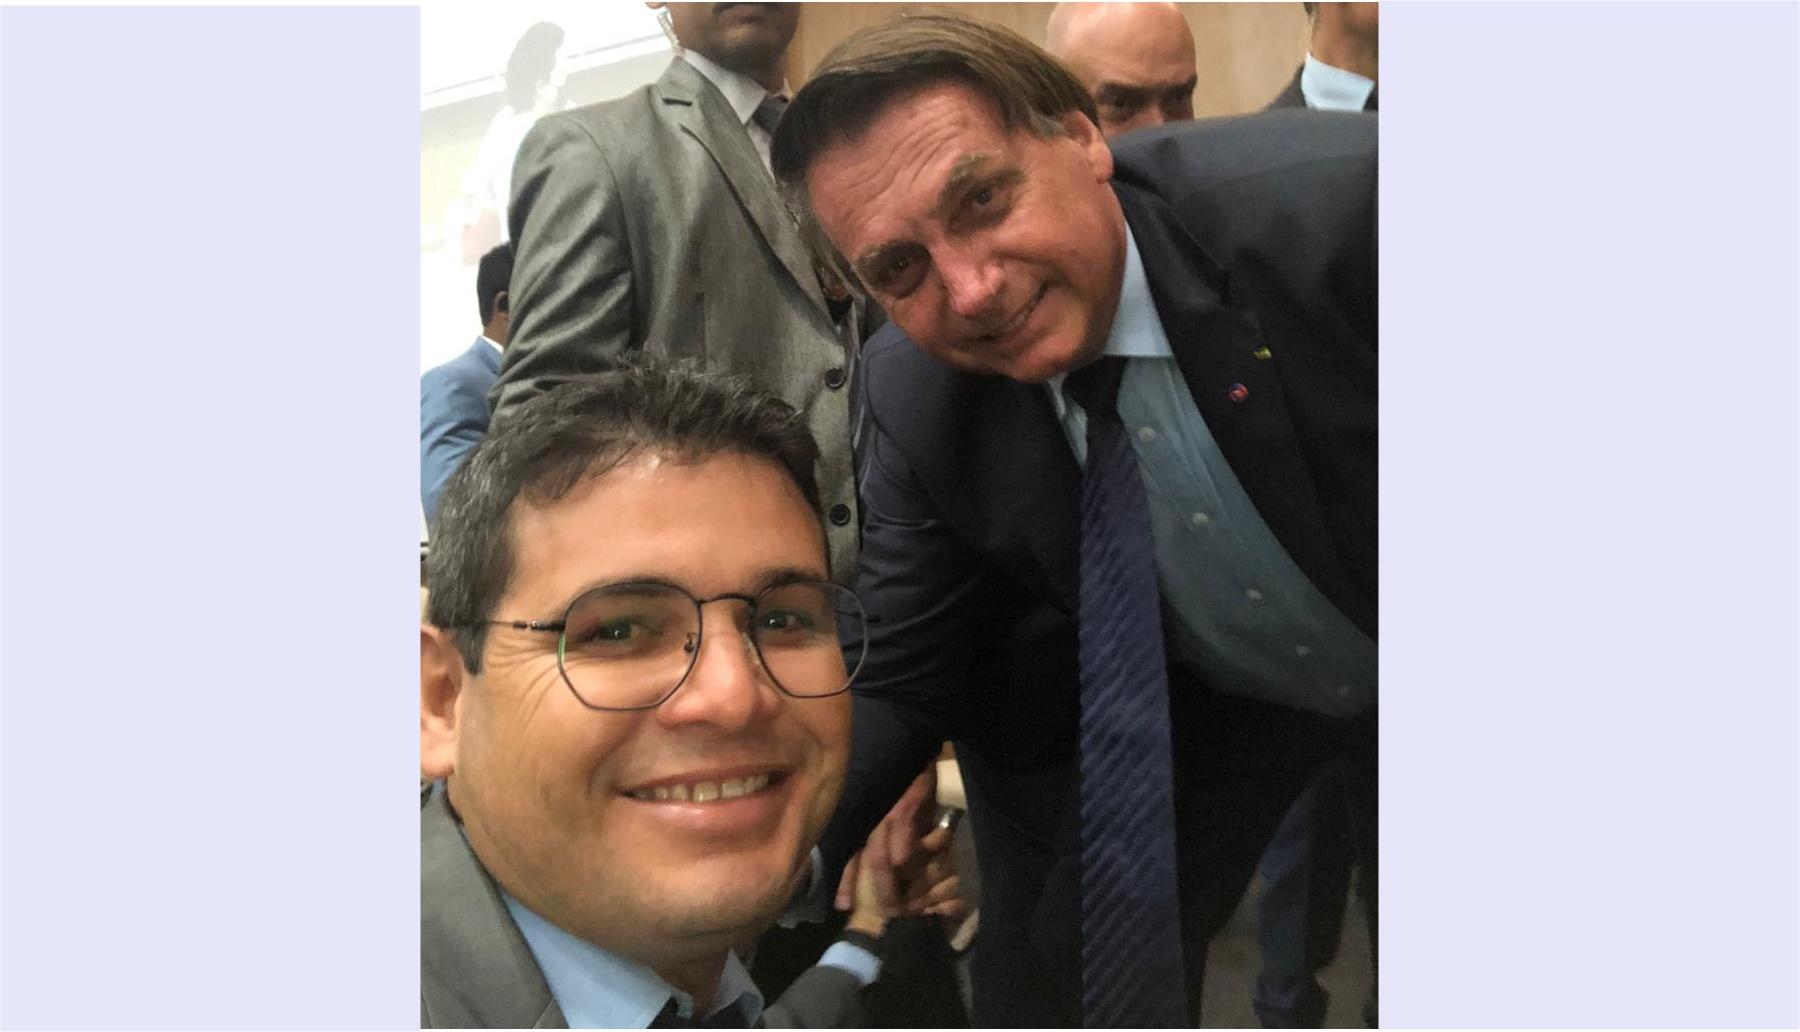 Vereador de Araci registra momento com presidente Jair Bolsonaro durante evento religioso em Salvador